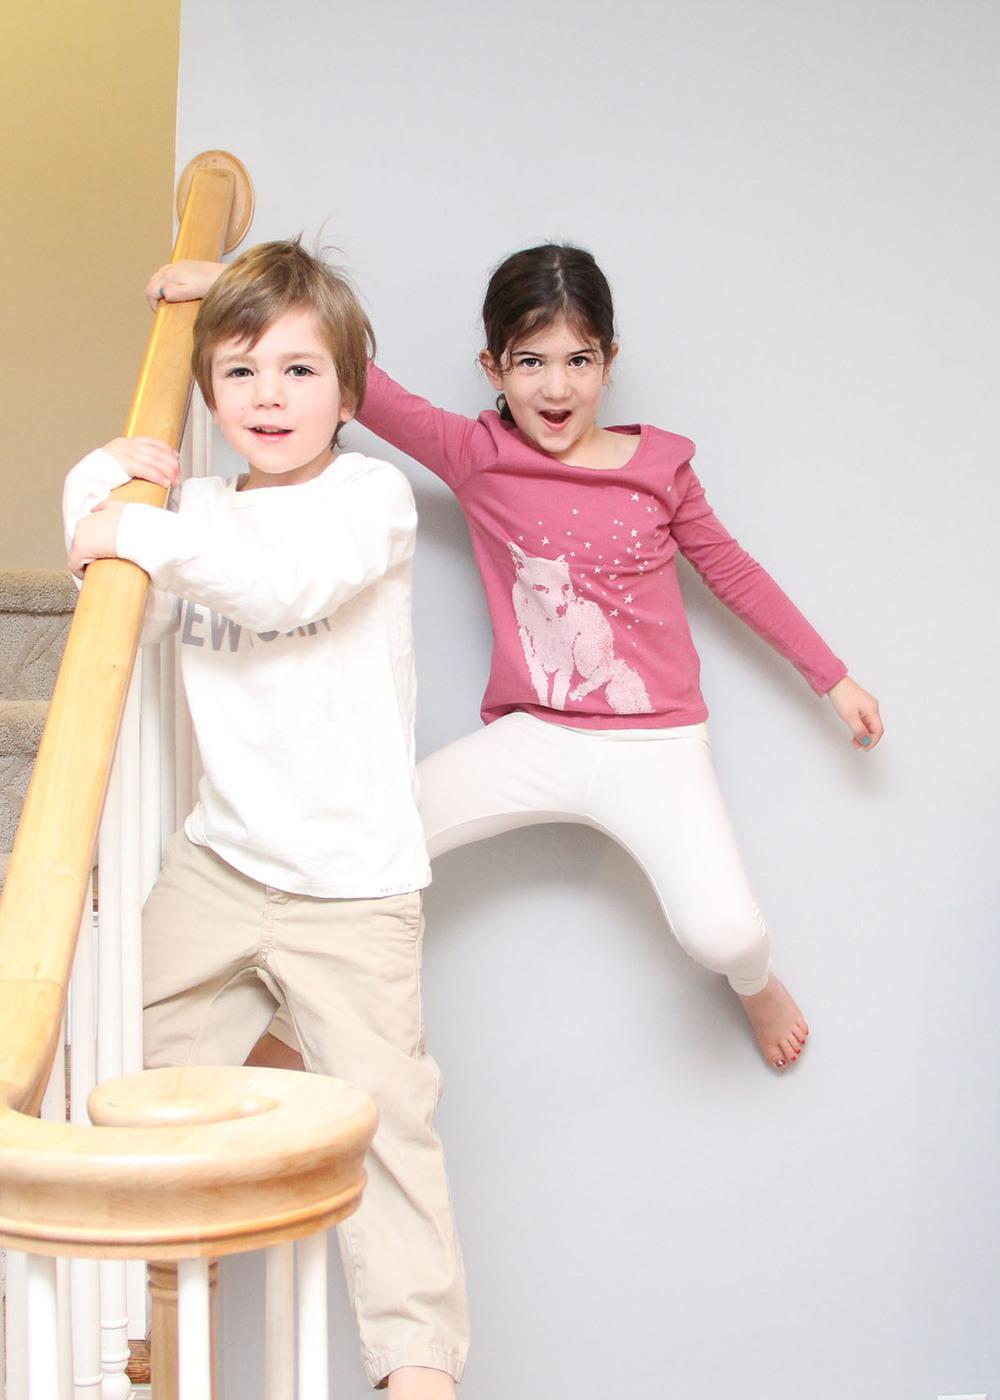 New Cannan family photos at home siblings.jpg